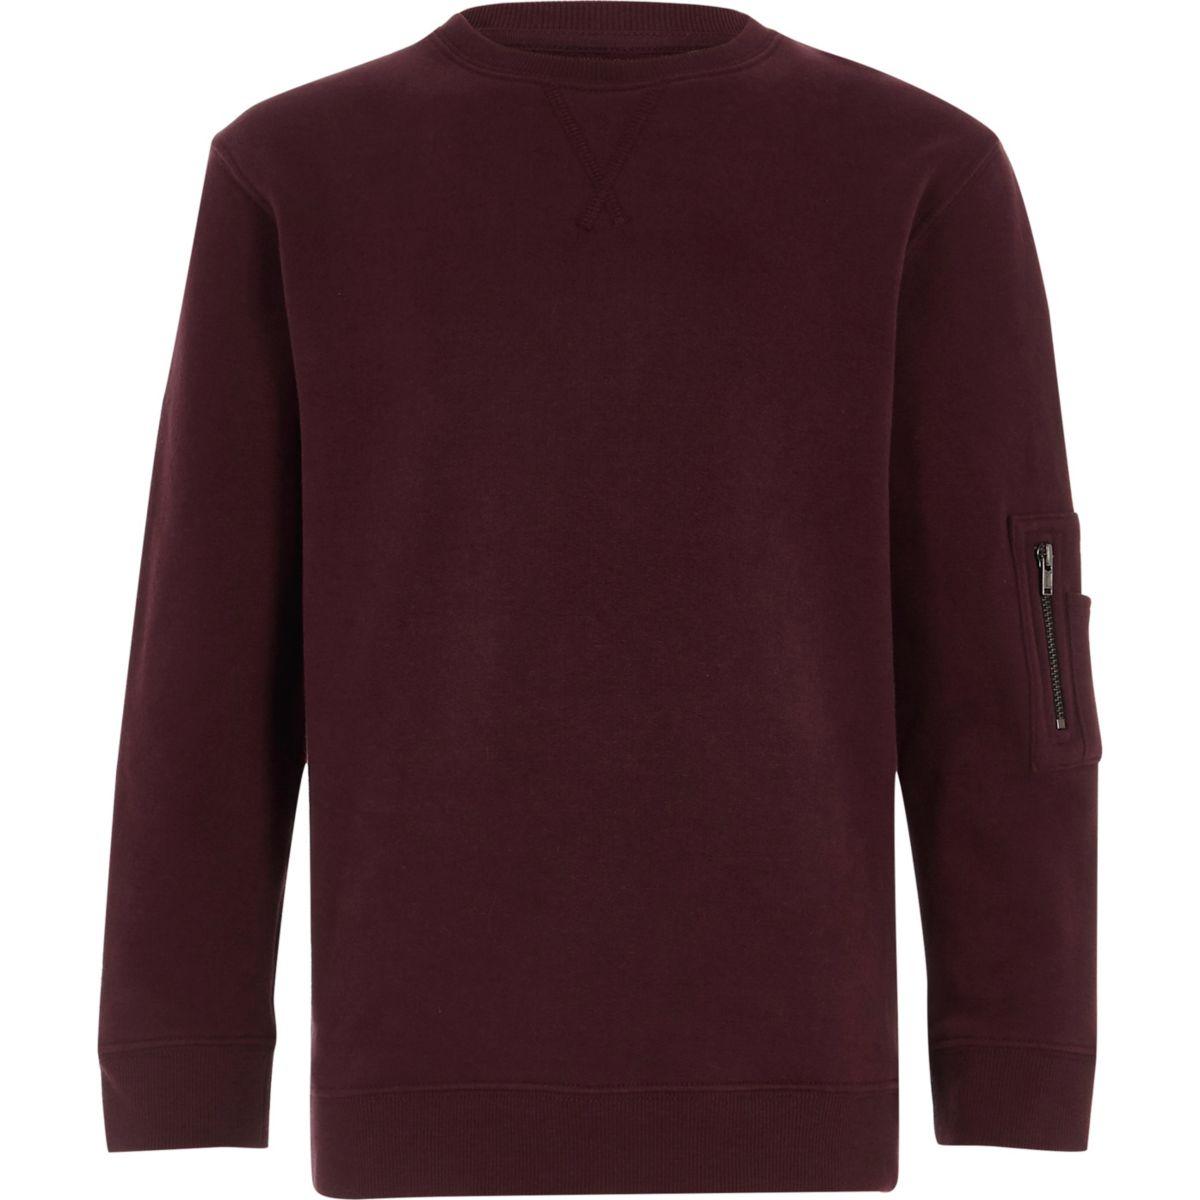 Boys burundy zip pocket sleeve sweatshirt